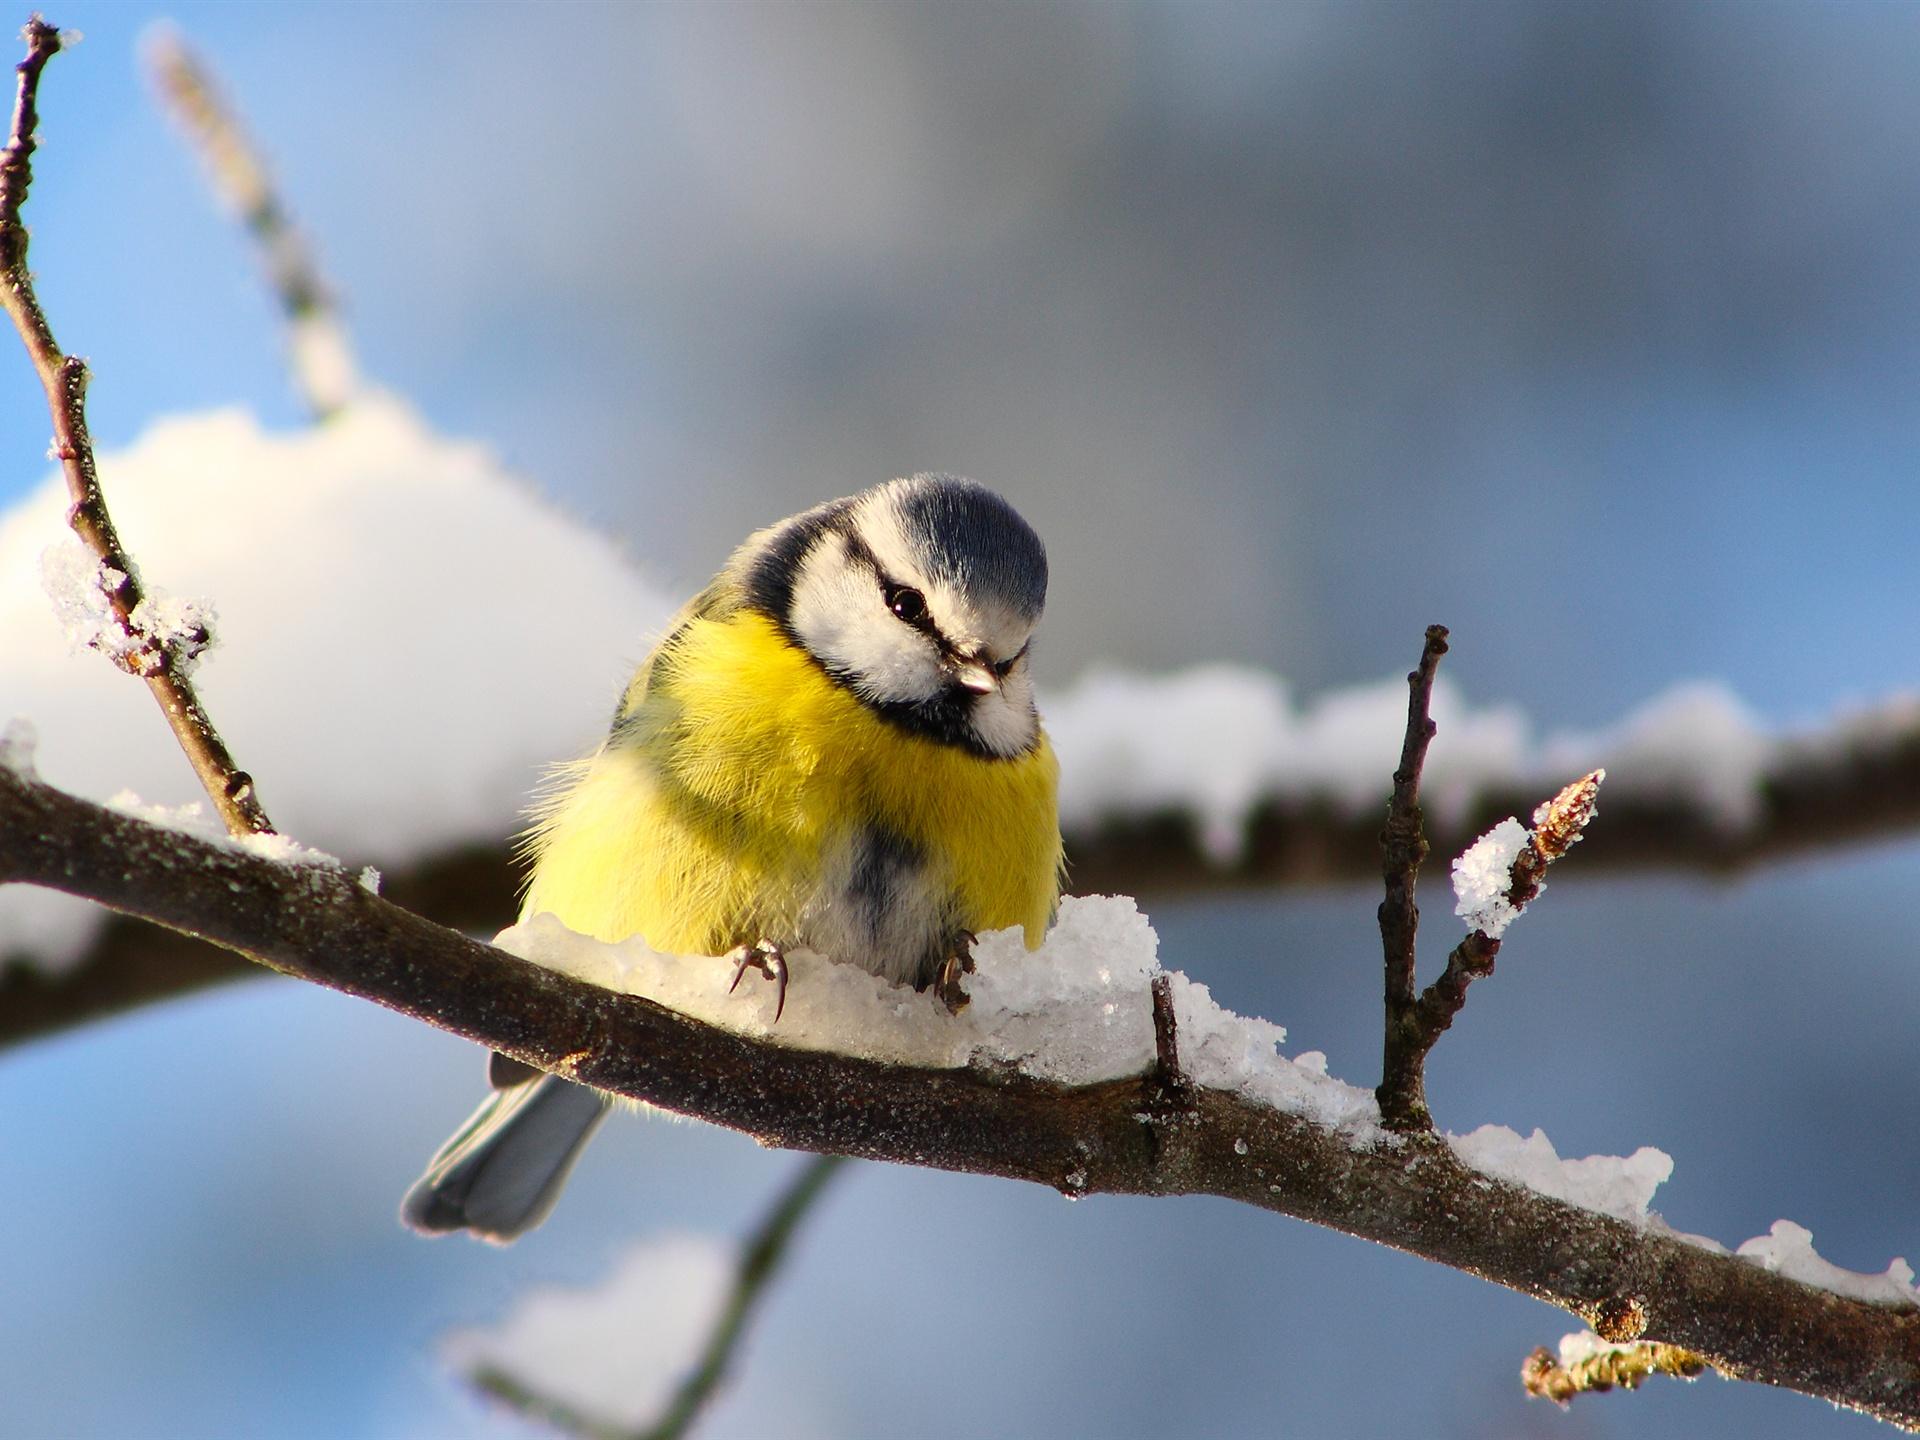 鸟类v鸟类,树枝,壁纸,冬天的雪山雀挖耳长捕虫图片